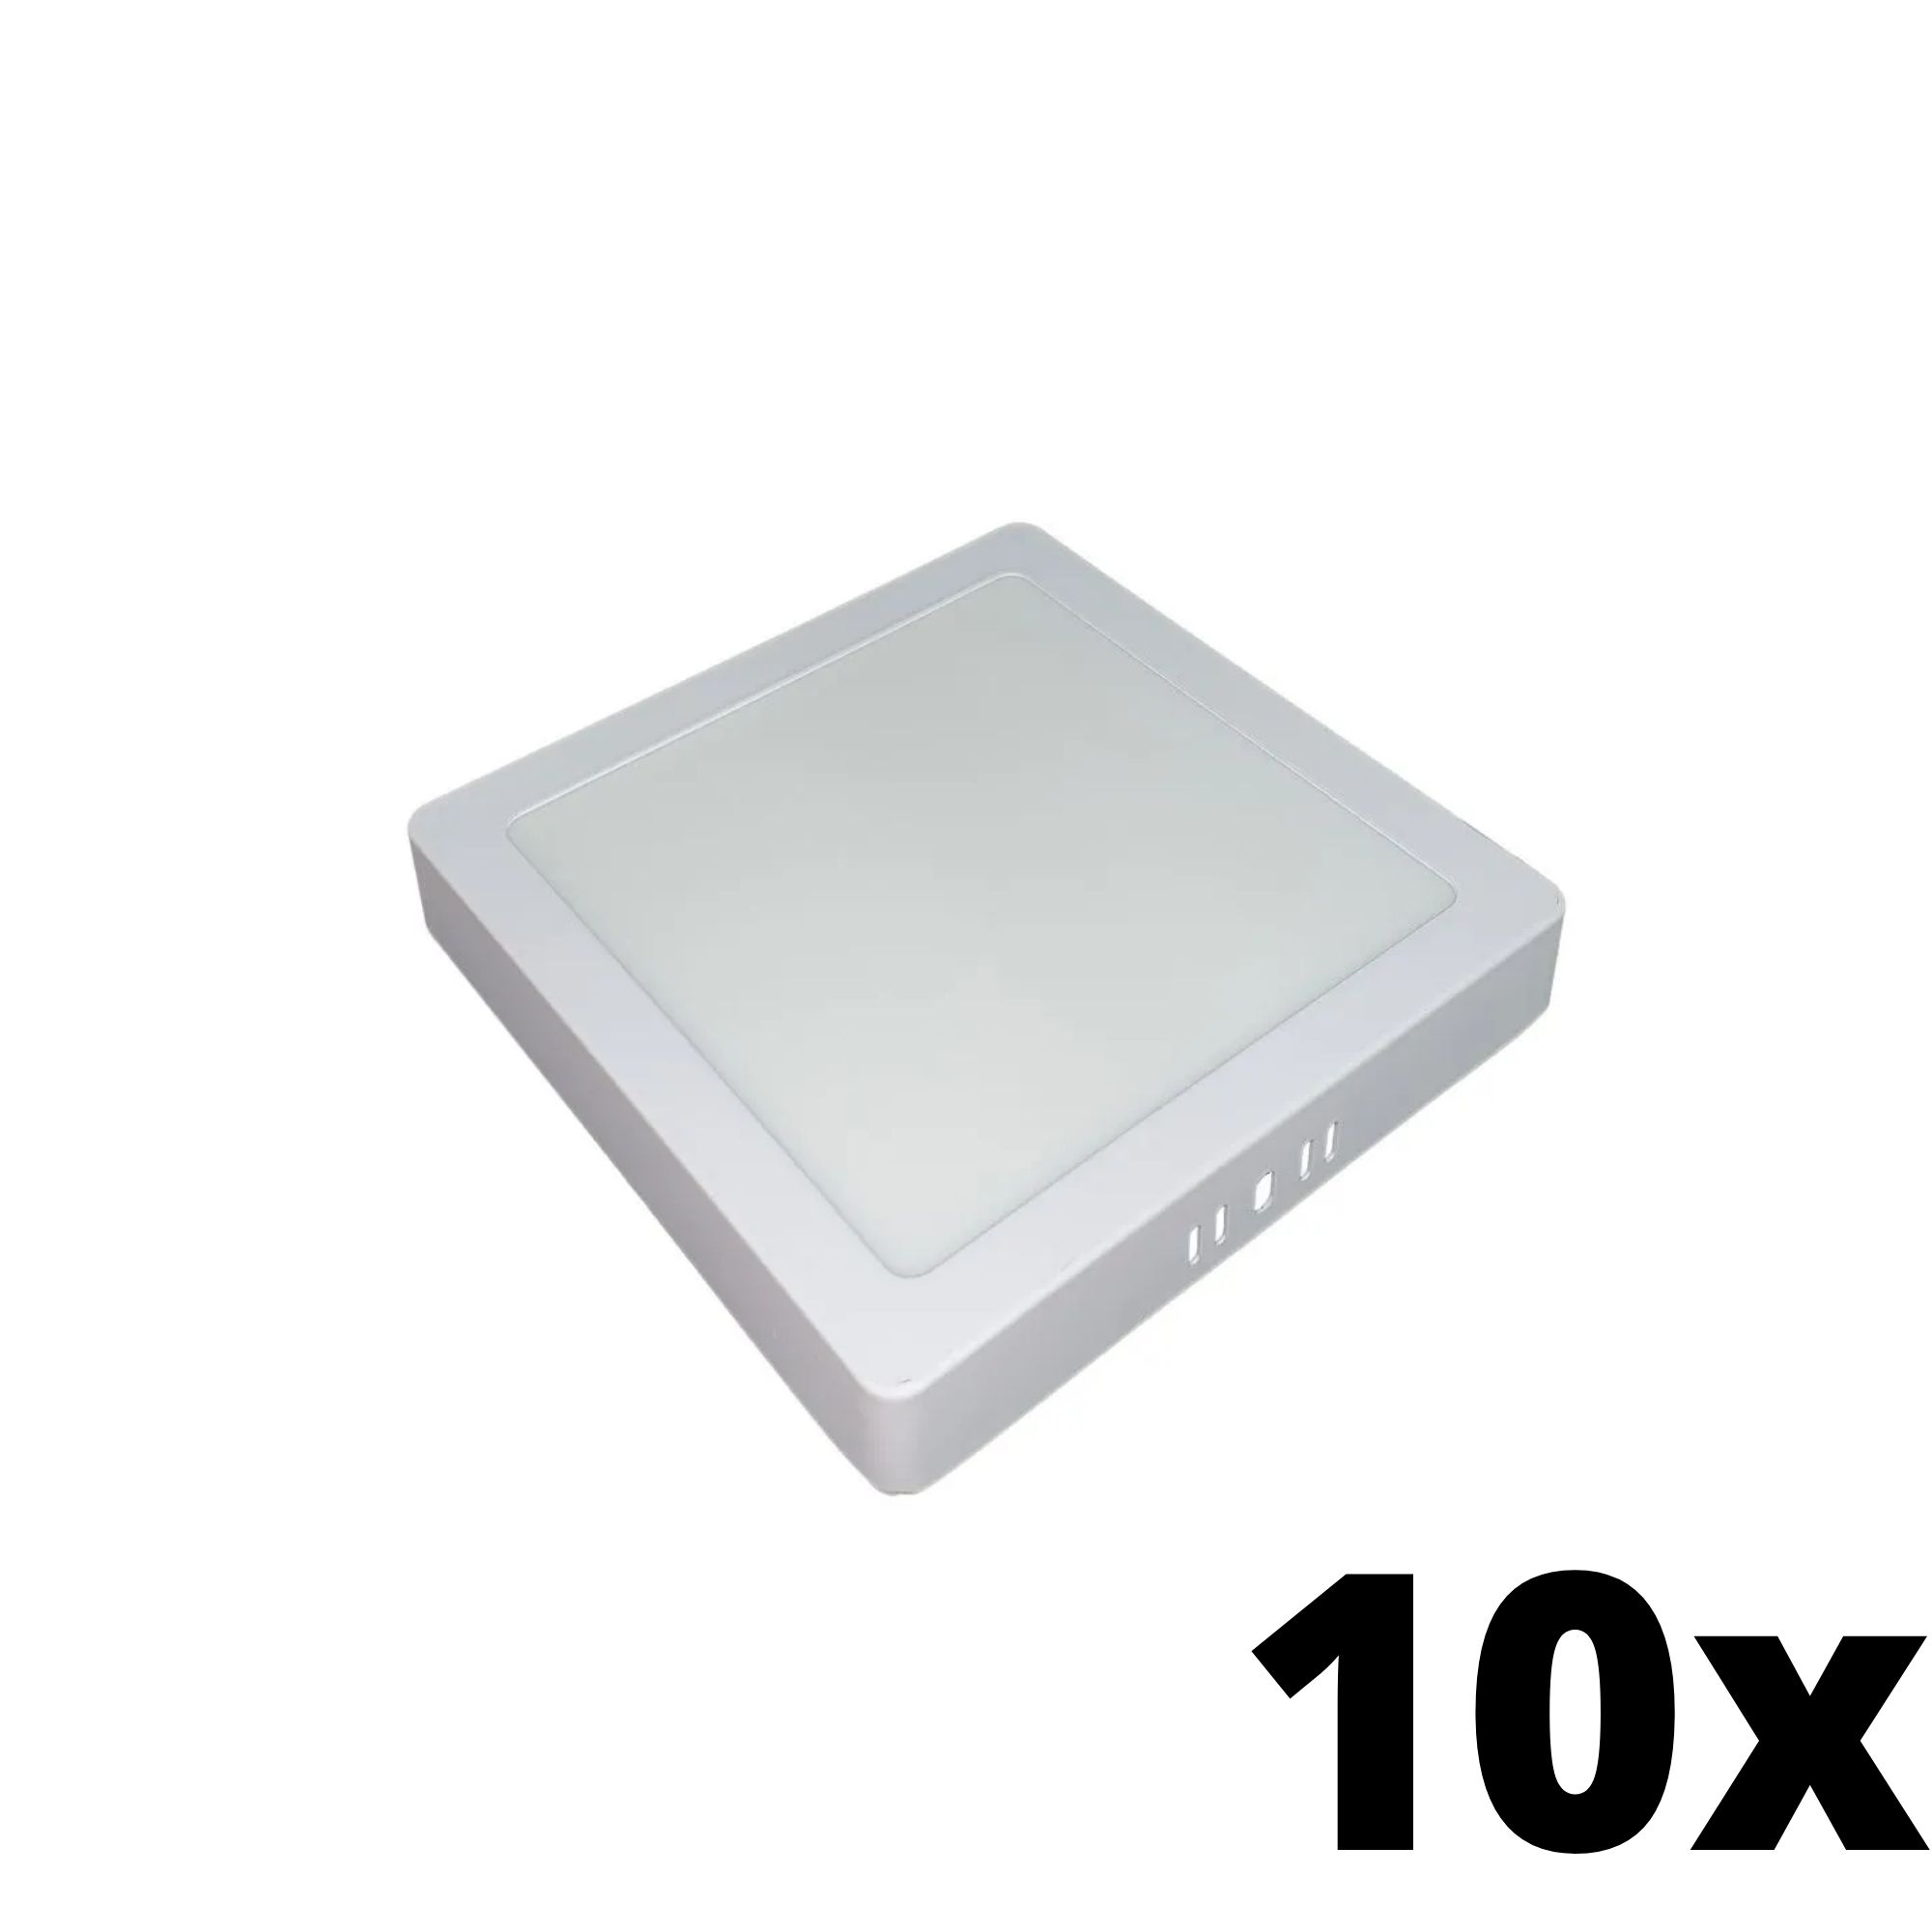 Kit 10 und Painel de Led Sobrepor 24w Quadrado 3000k